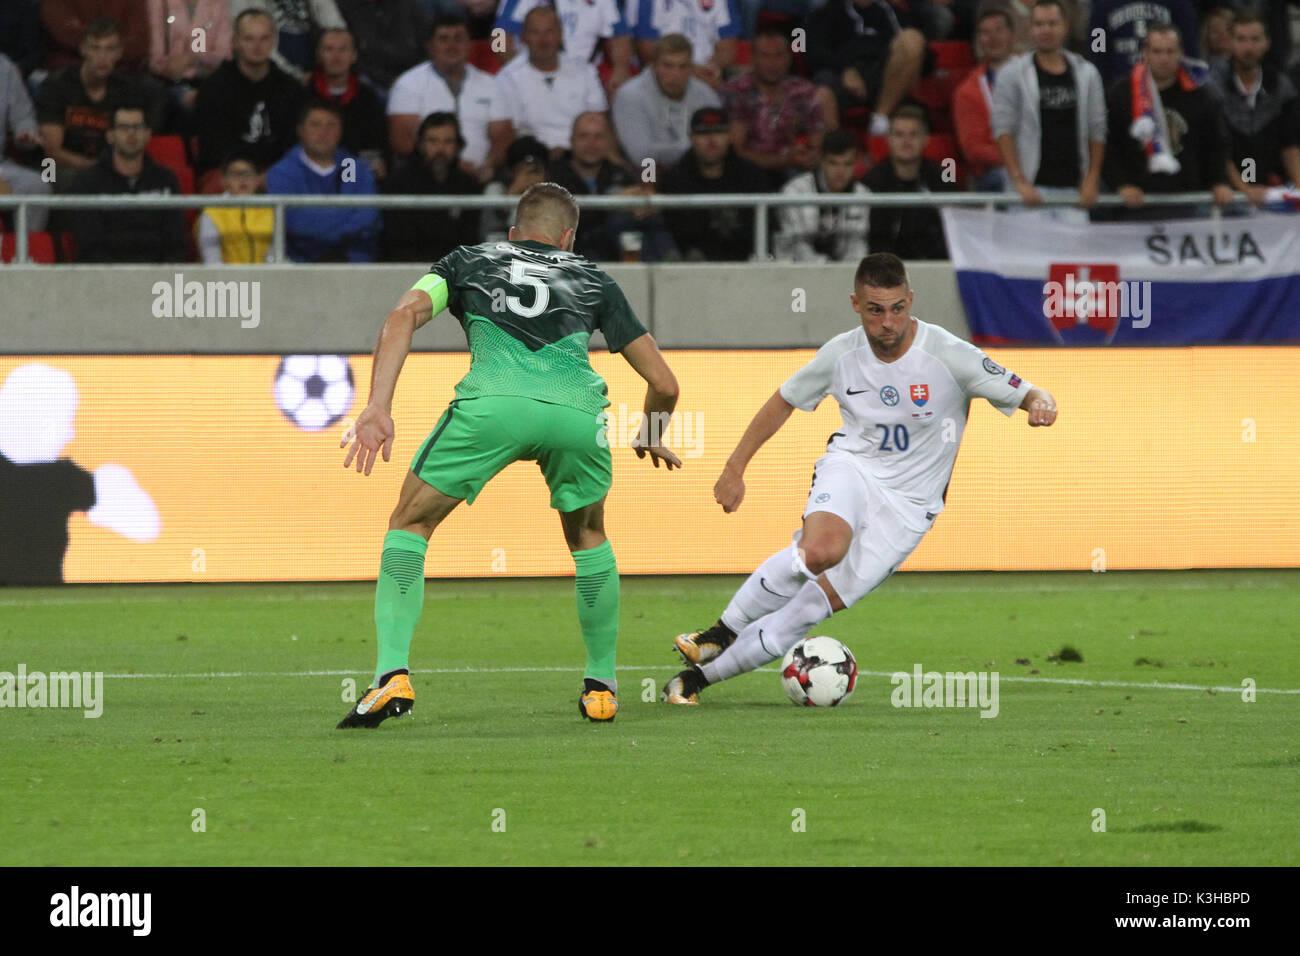 Trnava, Eslovaquia, 1. De septiembre de 2017. Robert Mak (derecha) en acción durante el 2018 FIFA World Cup match calificación entre Eslovaquia y Eslovenia 1-0 Imagen De Stock